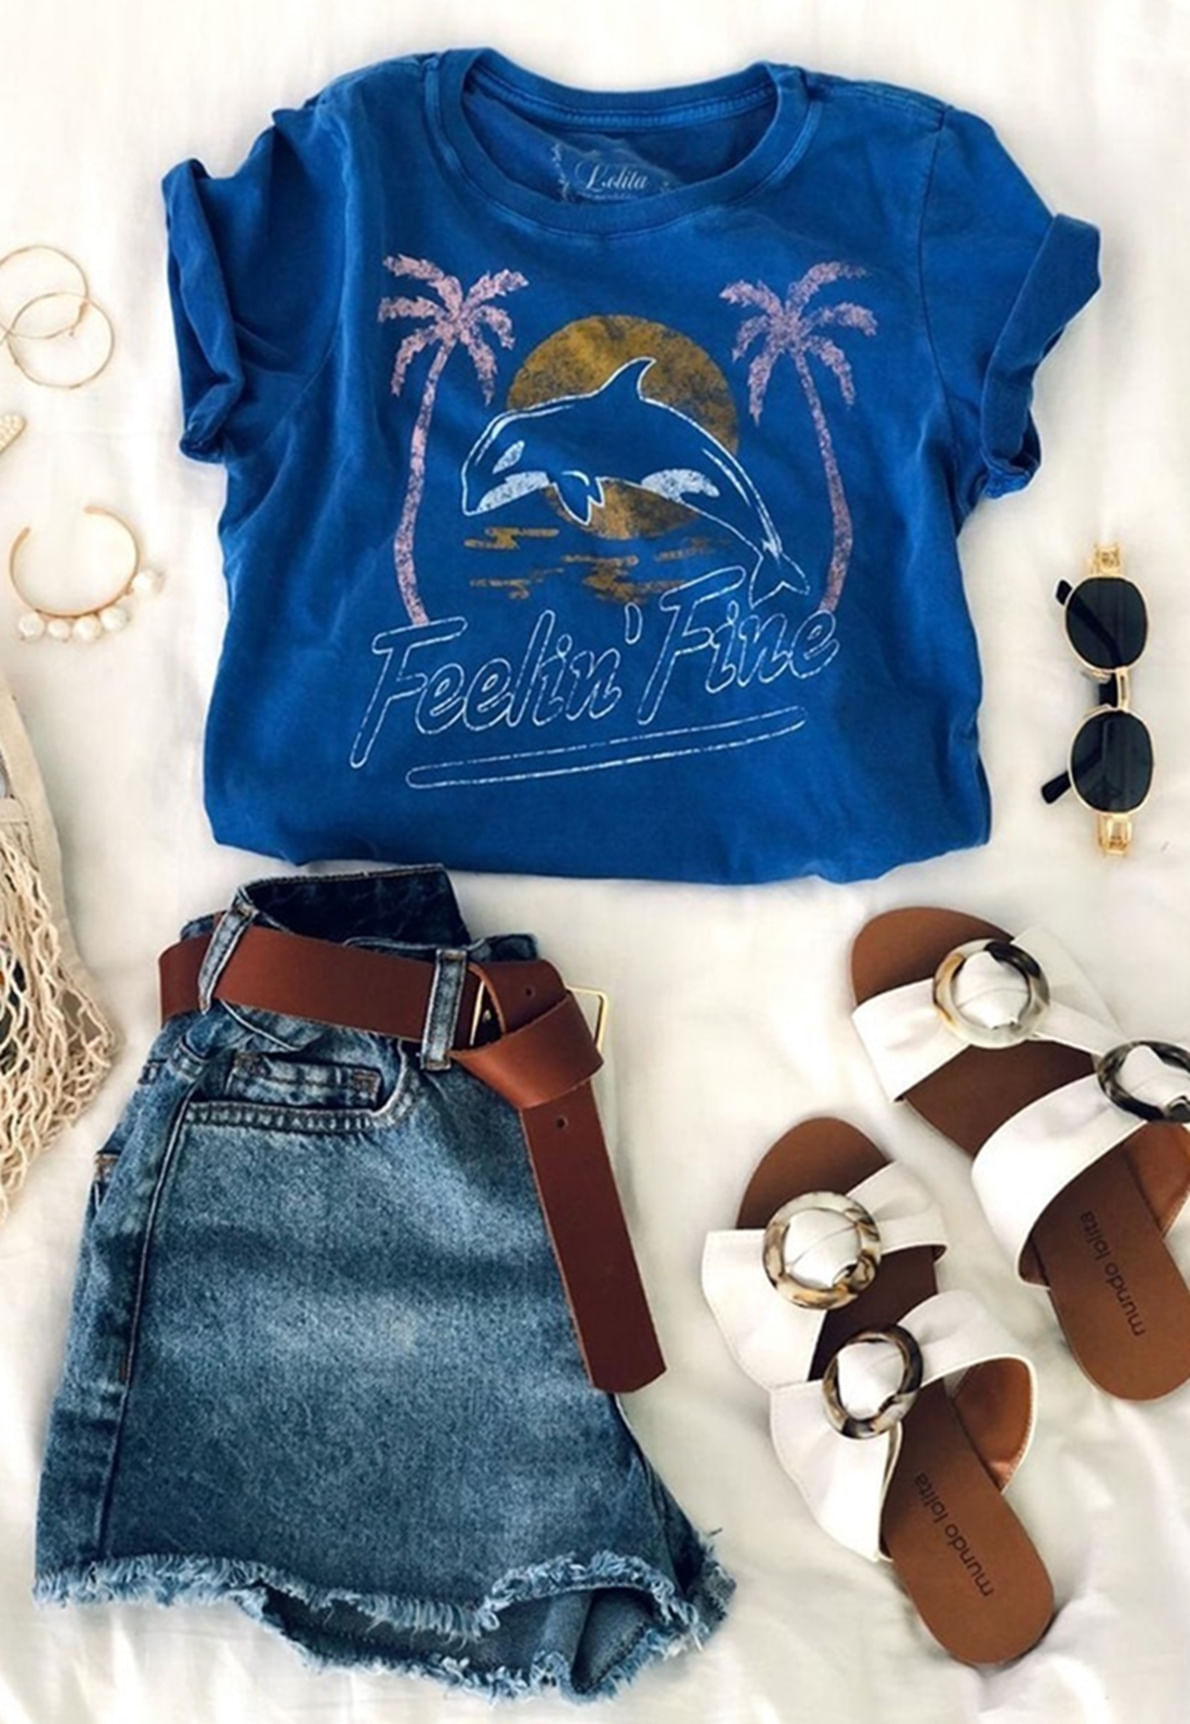 29190-t-shirt-azul-feelin-fine-mundo-lolita-01